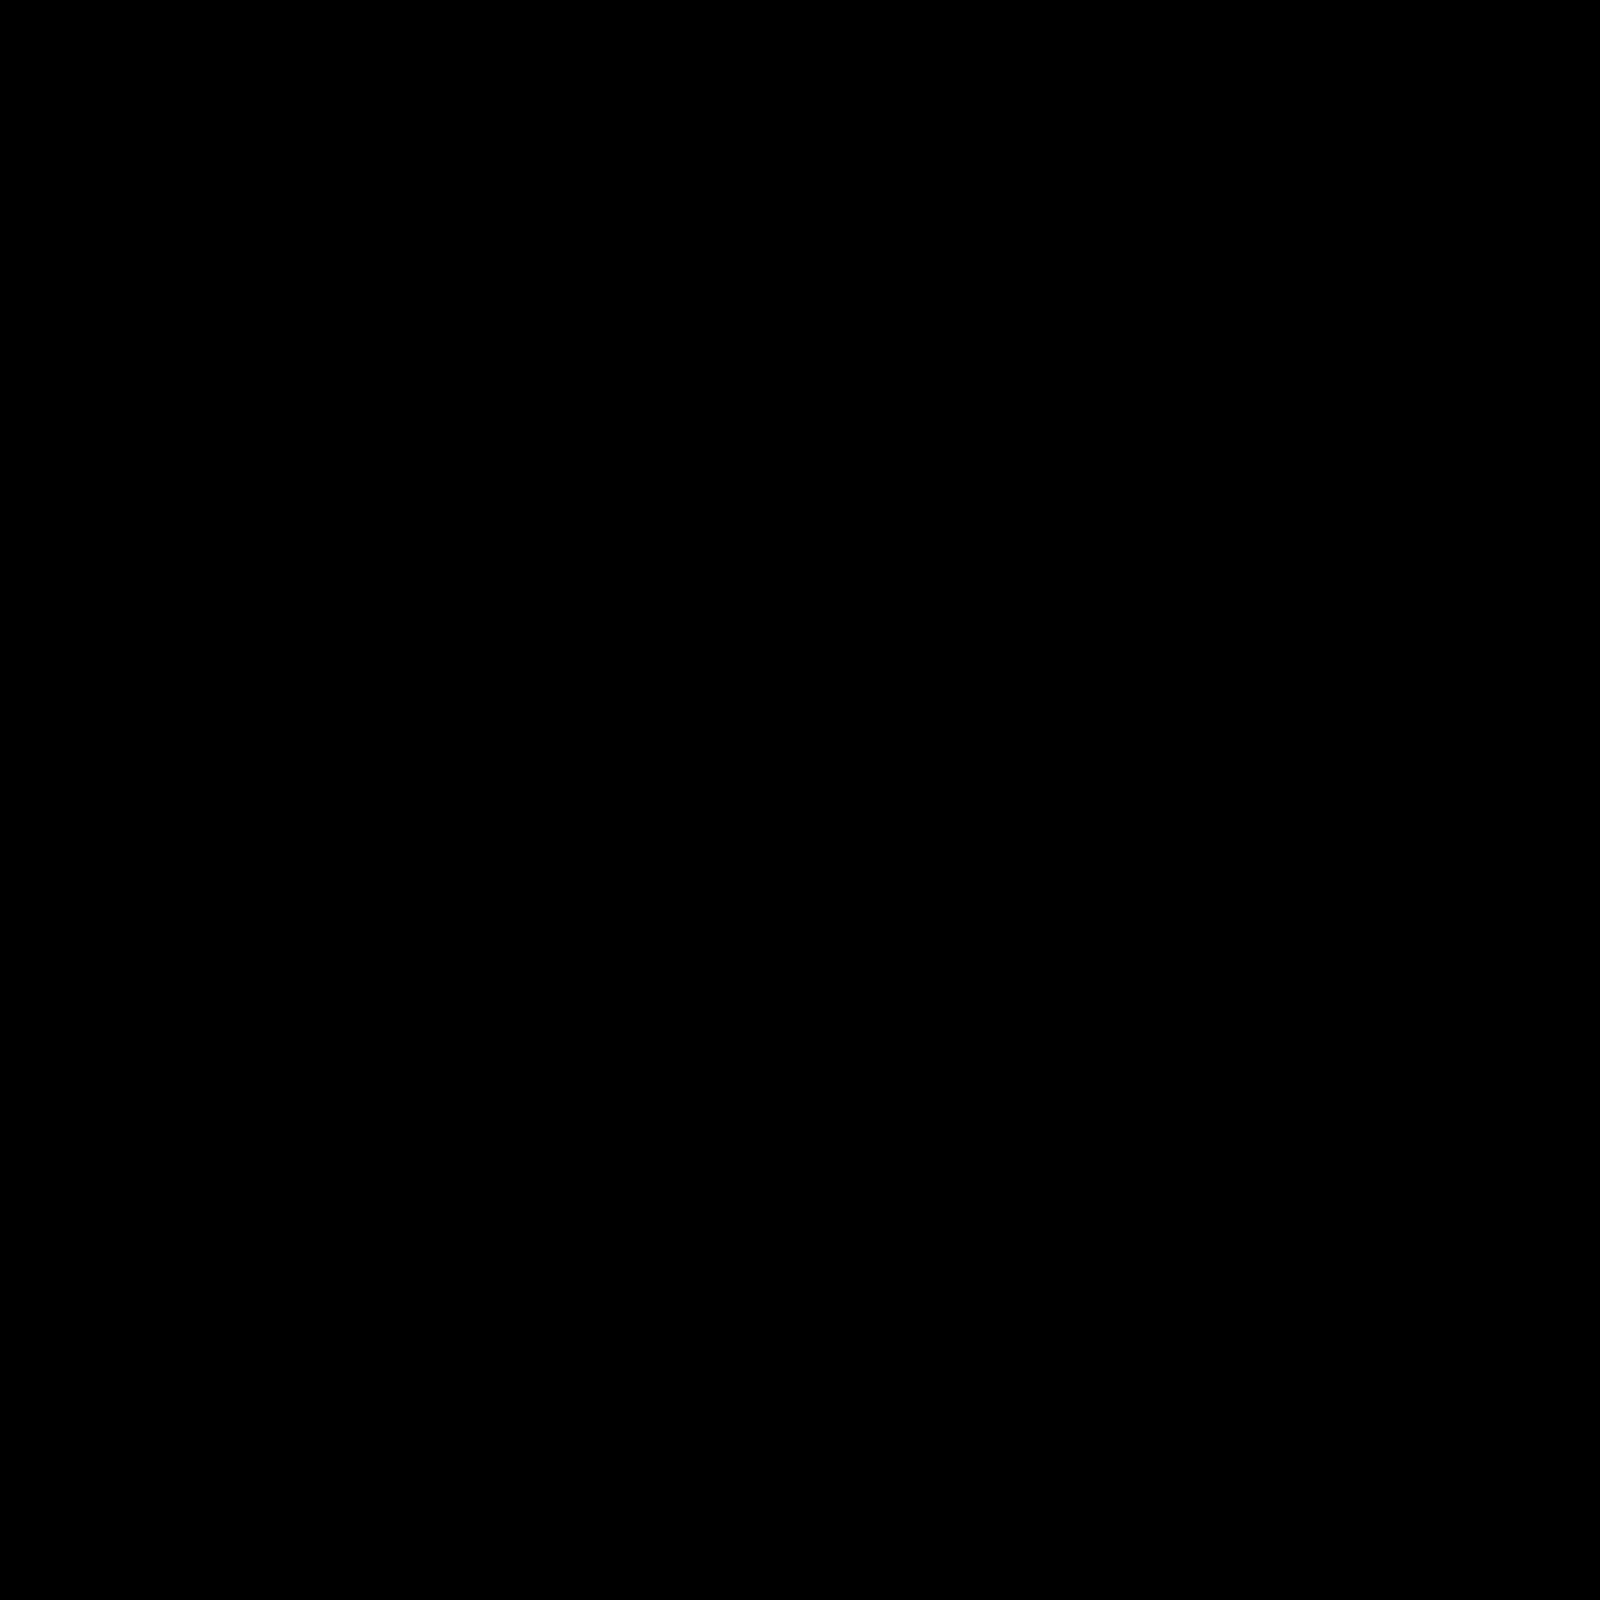 Hiragana Nu icon